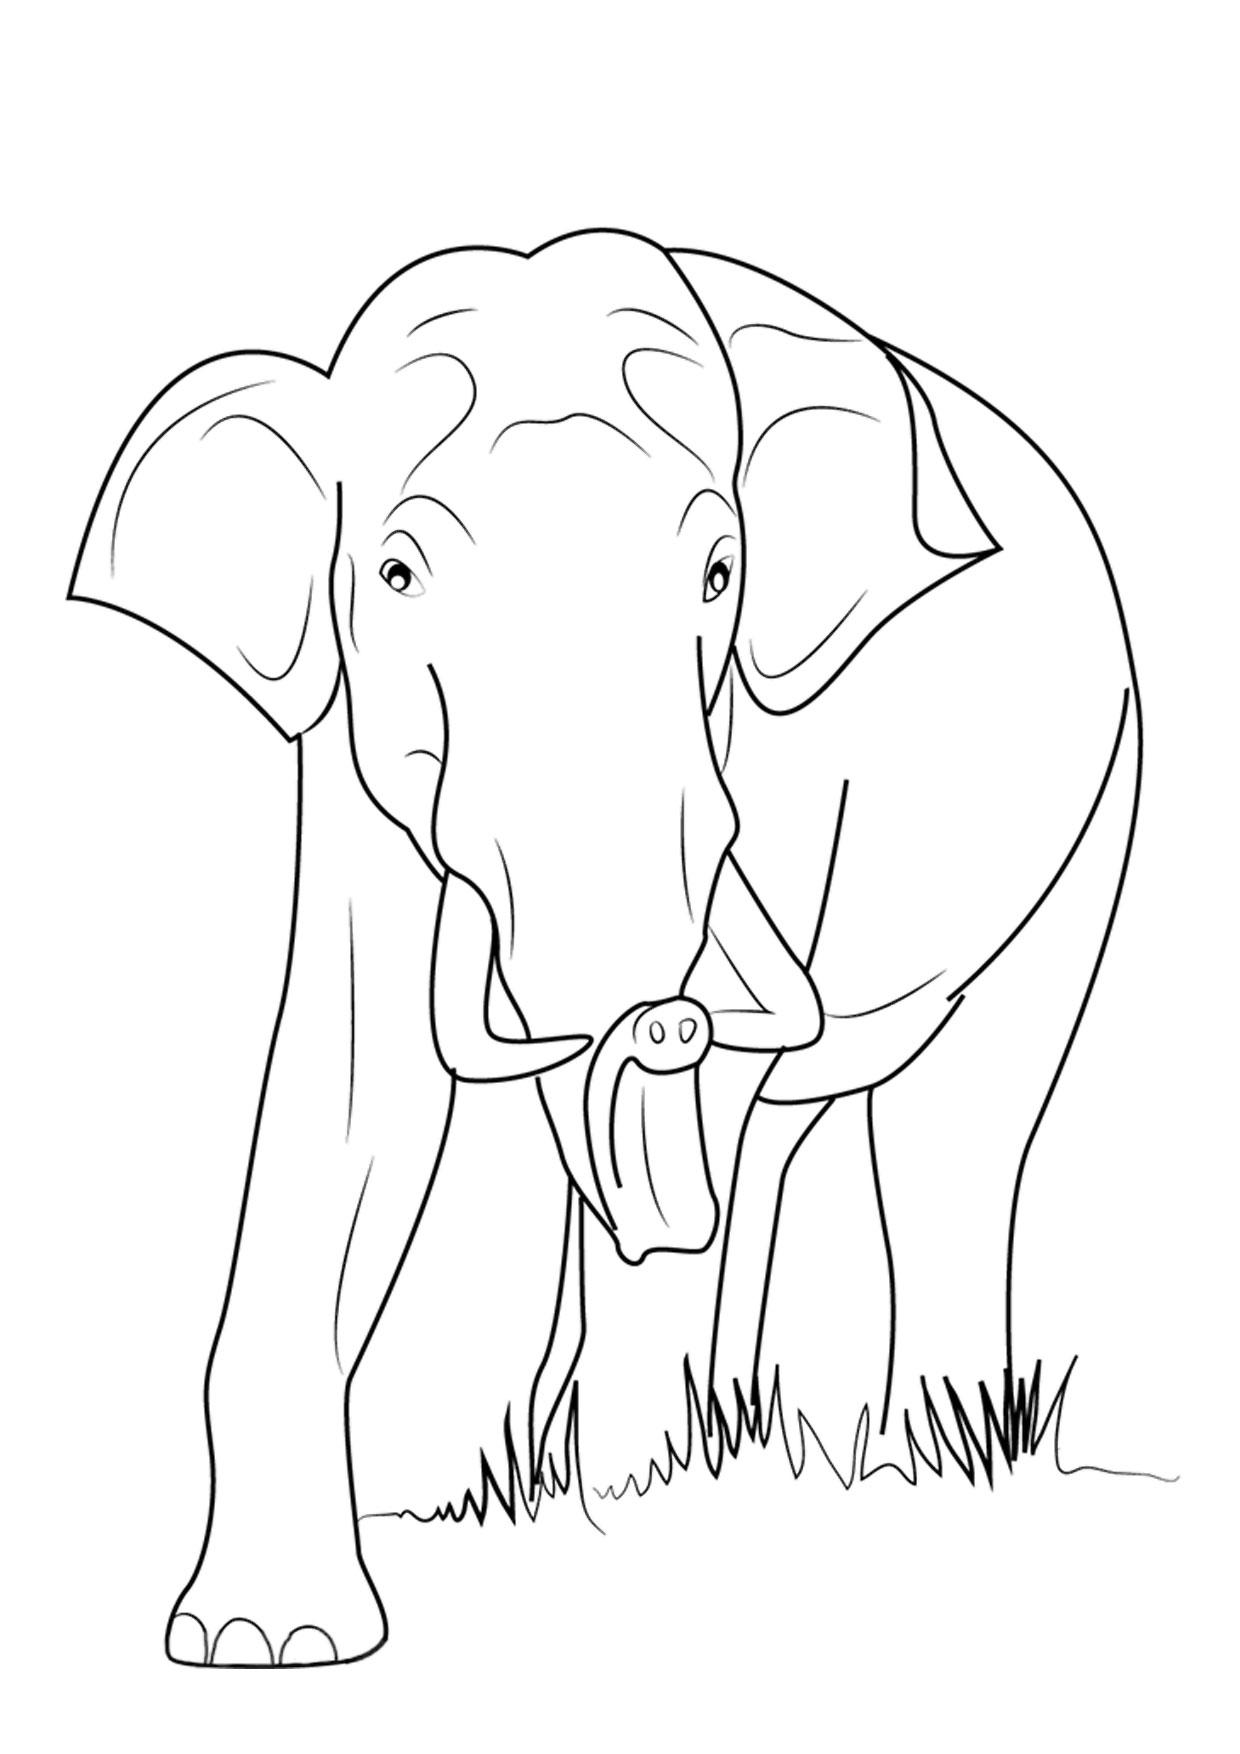 Disegno di elefanti da colorare 05